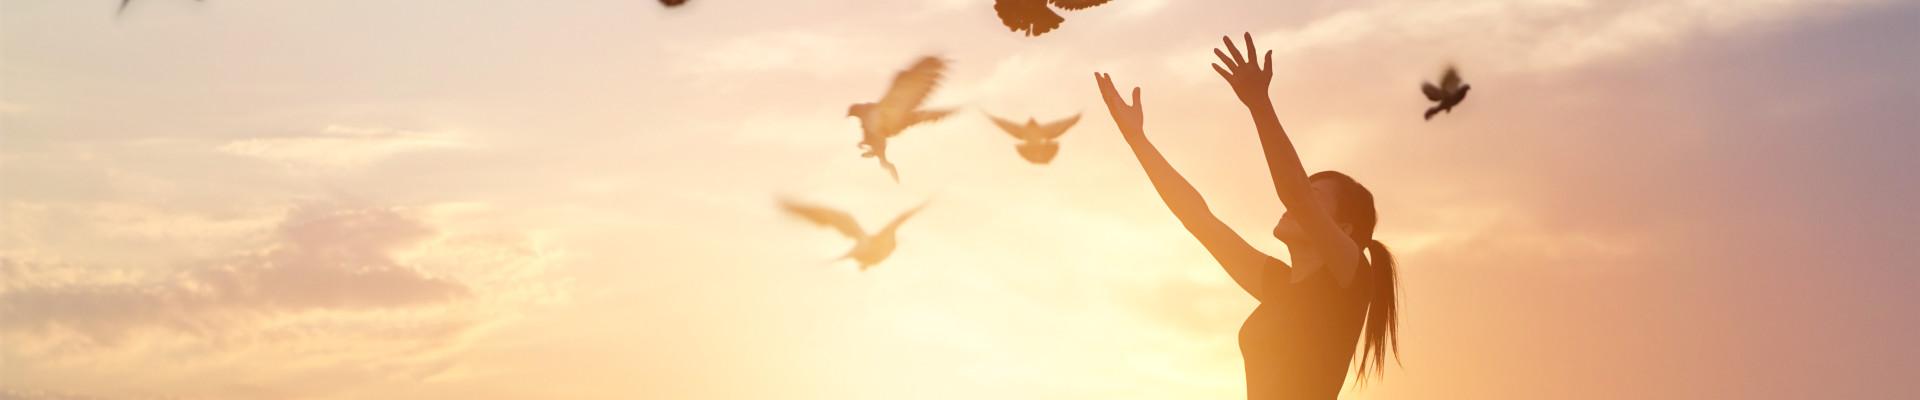 women releasing doves sunset